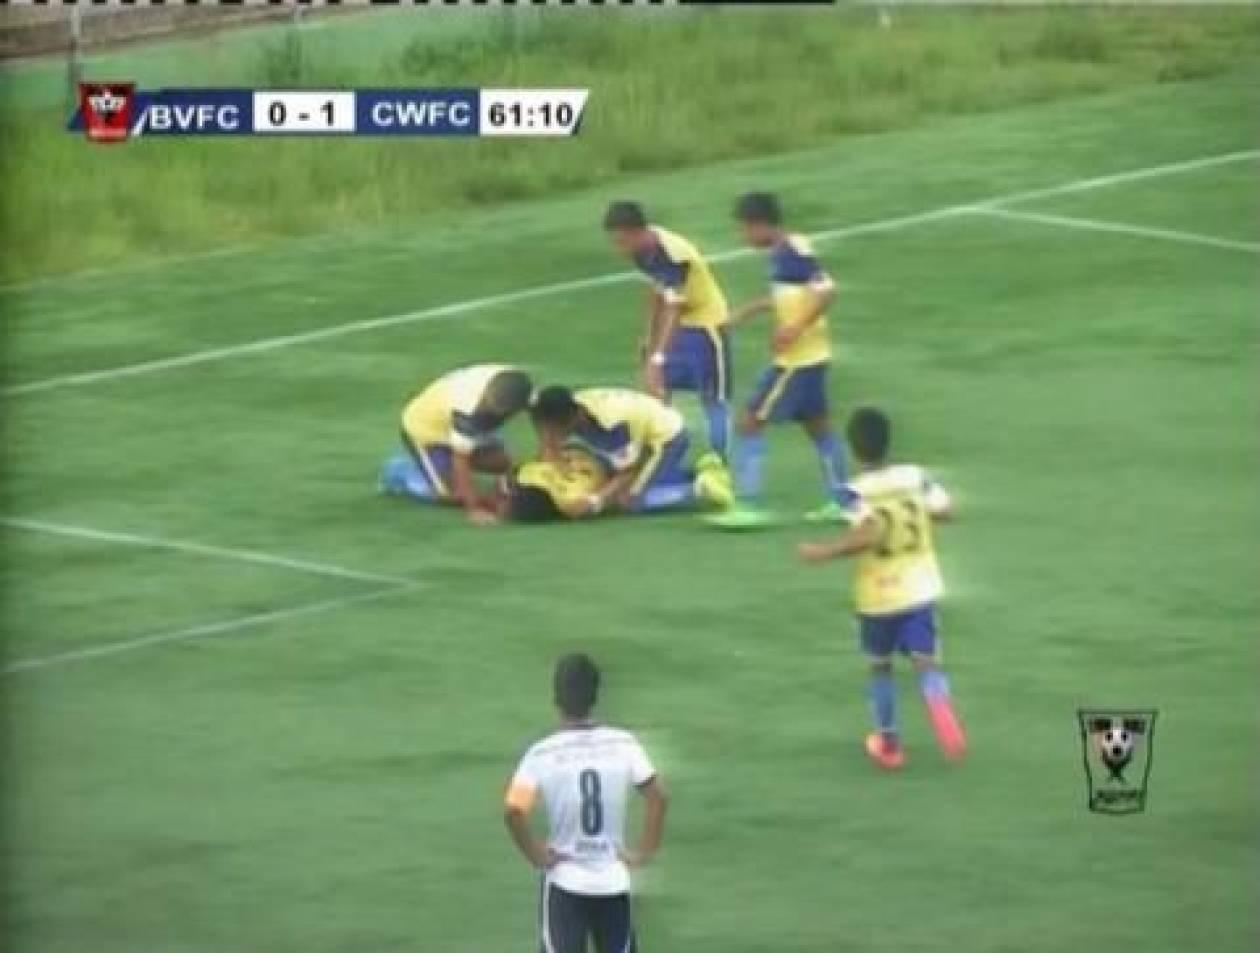 Τραγικός θάνατος ποδοσφαιριστή: Σκοτώθηκε ενώ πανηγύριζε